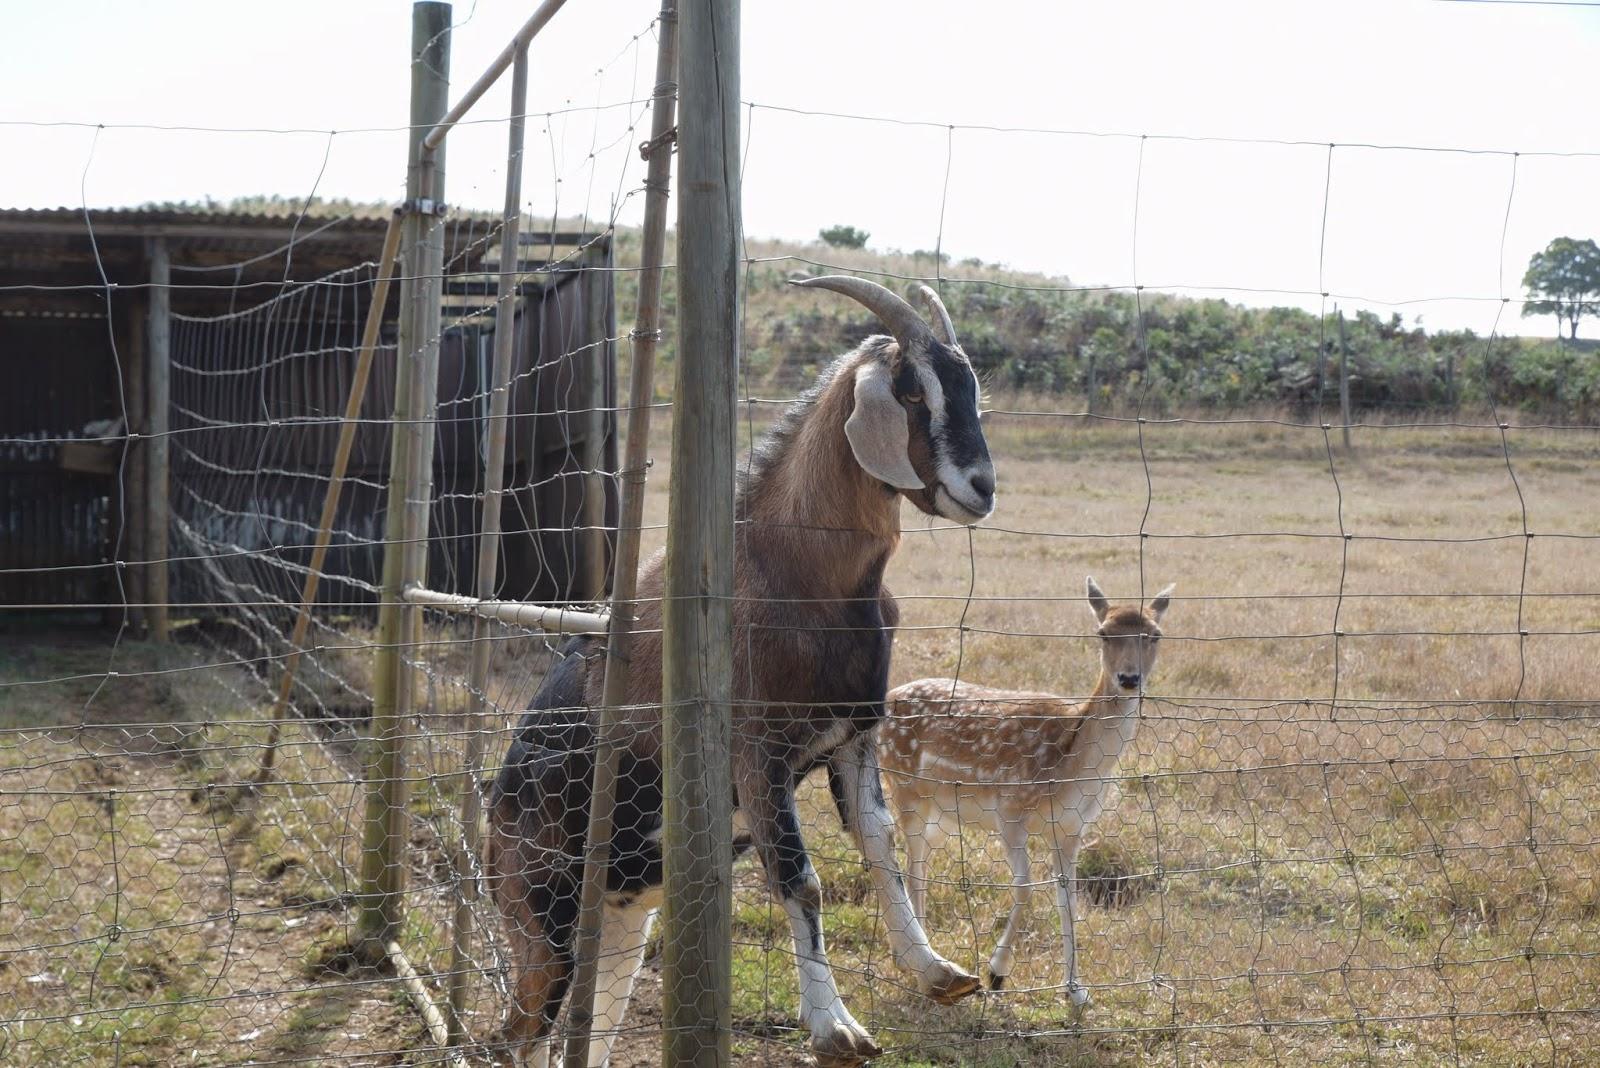 20150223:澳洲。塔斯馬尼亞 Tasmania。伯尼 Burnie,羊駝牧場Alpaca Park